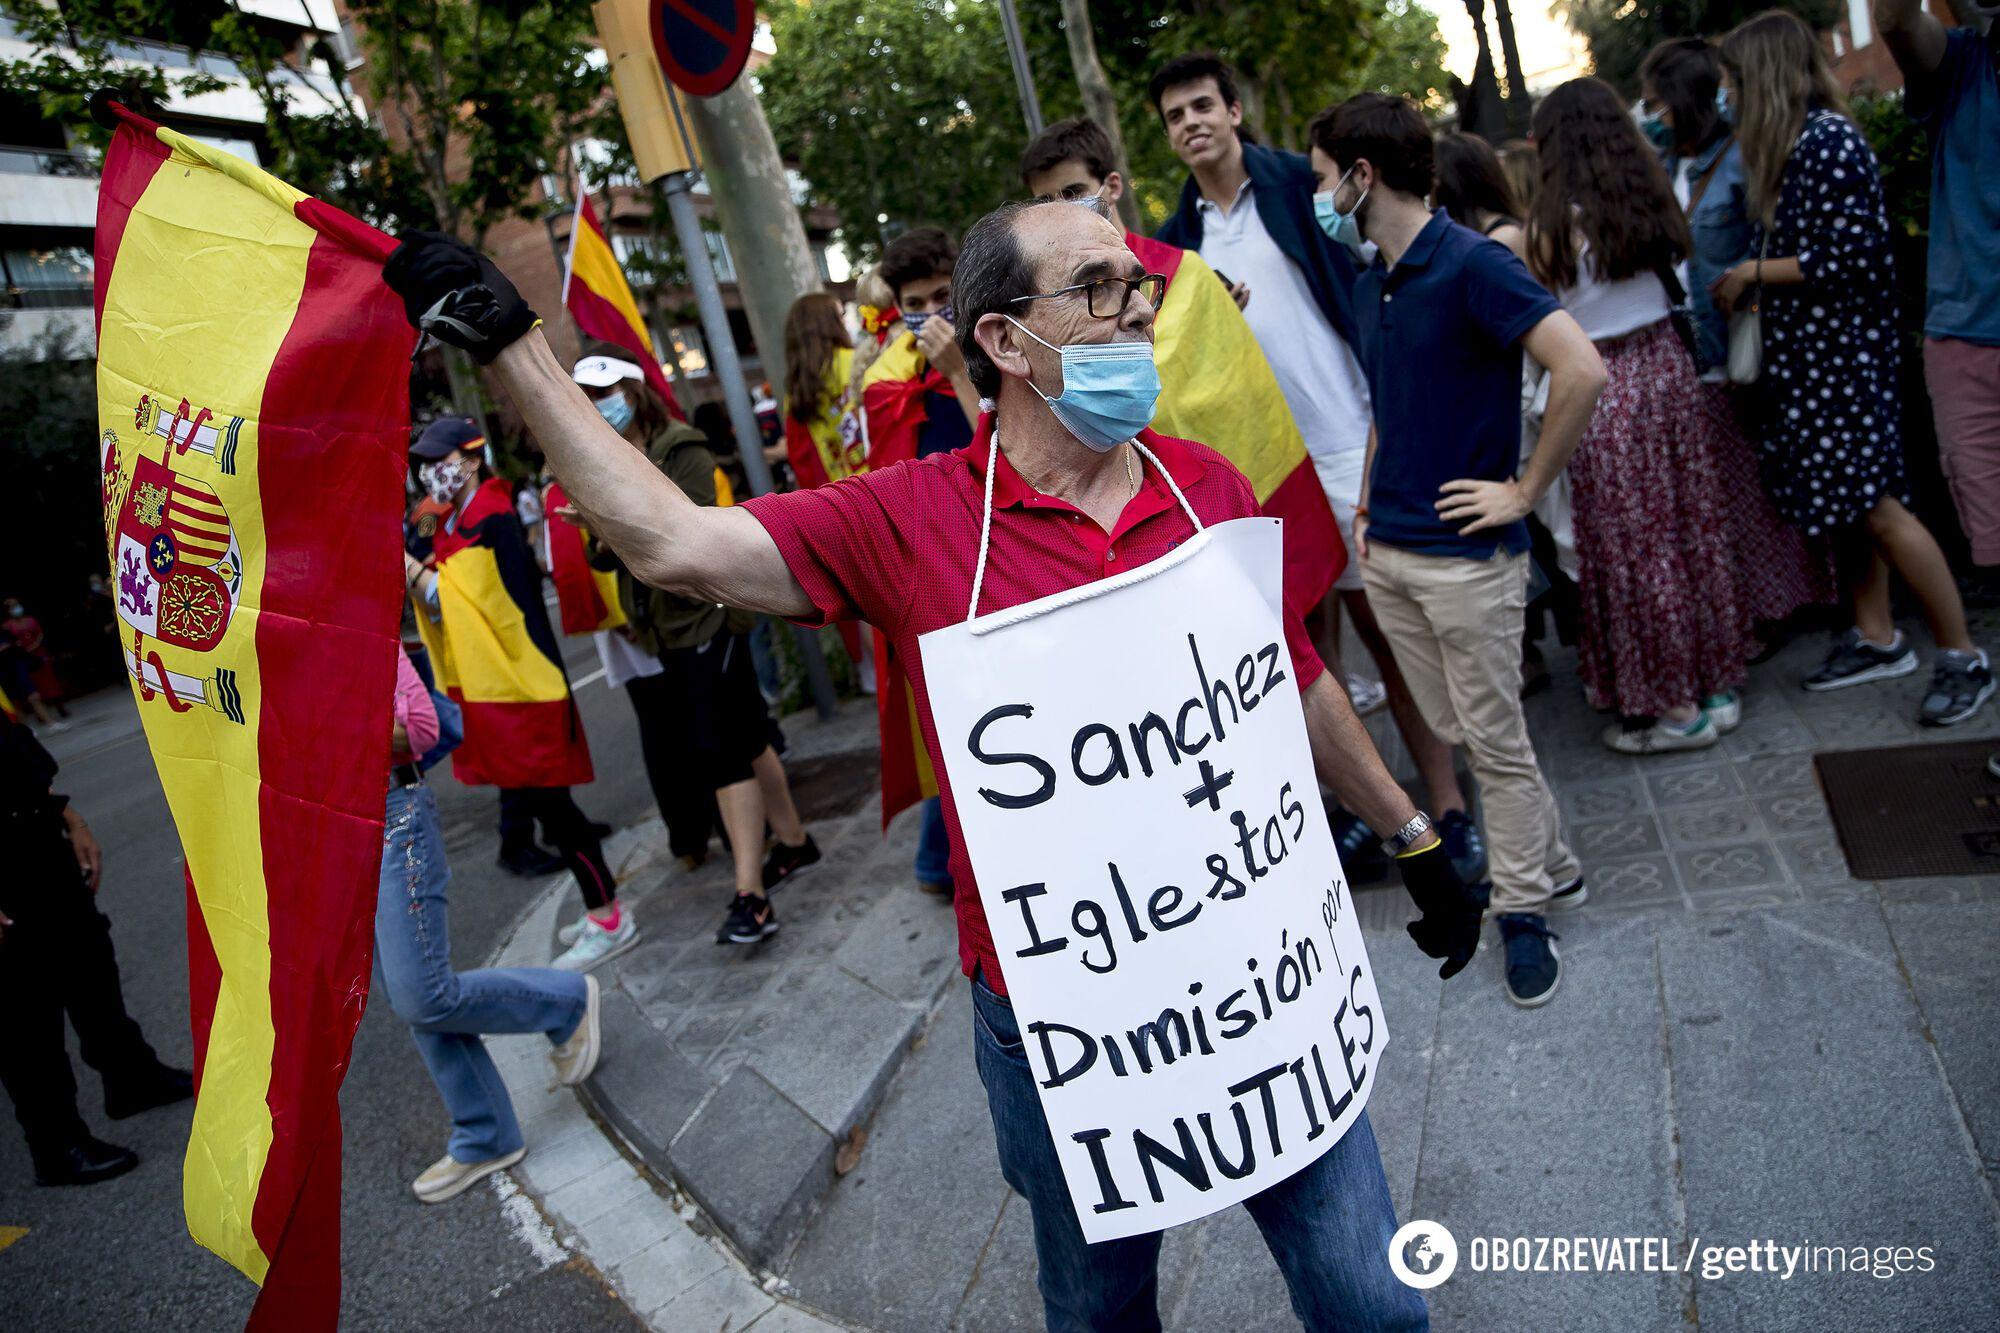 Протести в Барселоні проти політики влади